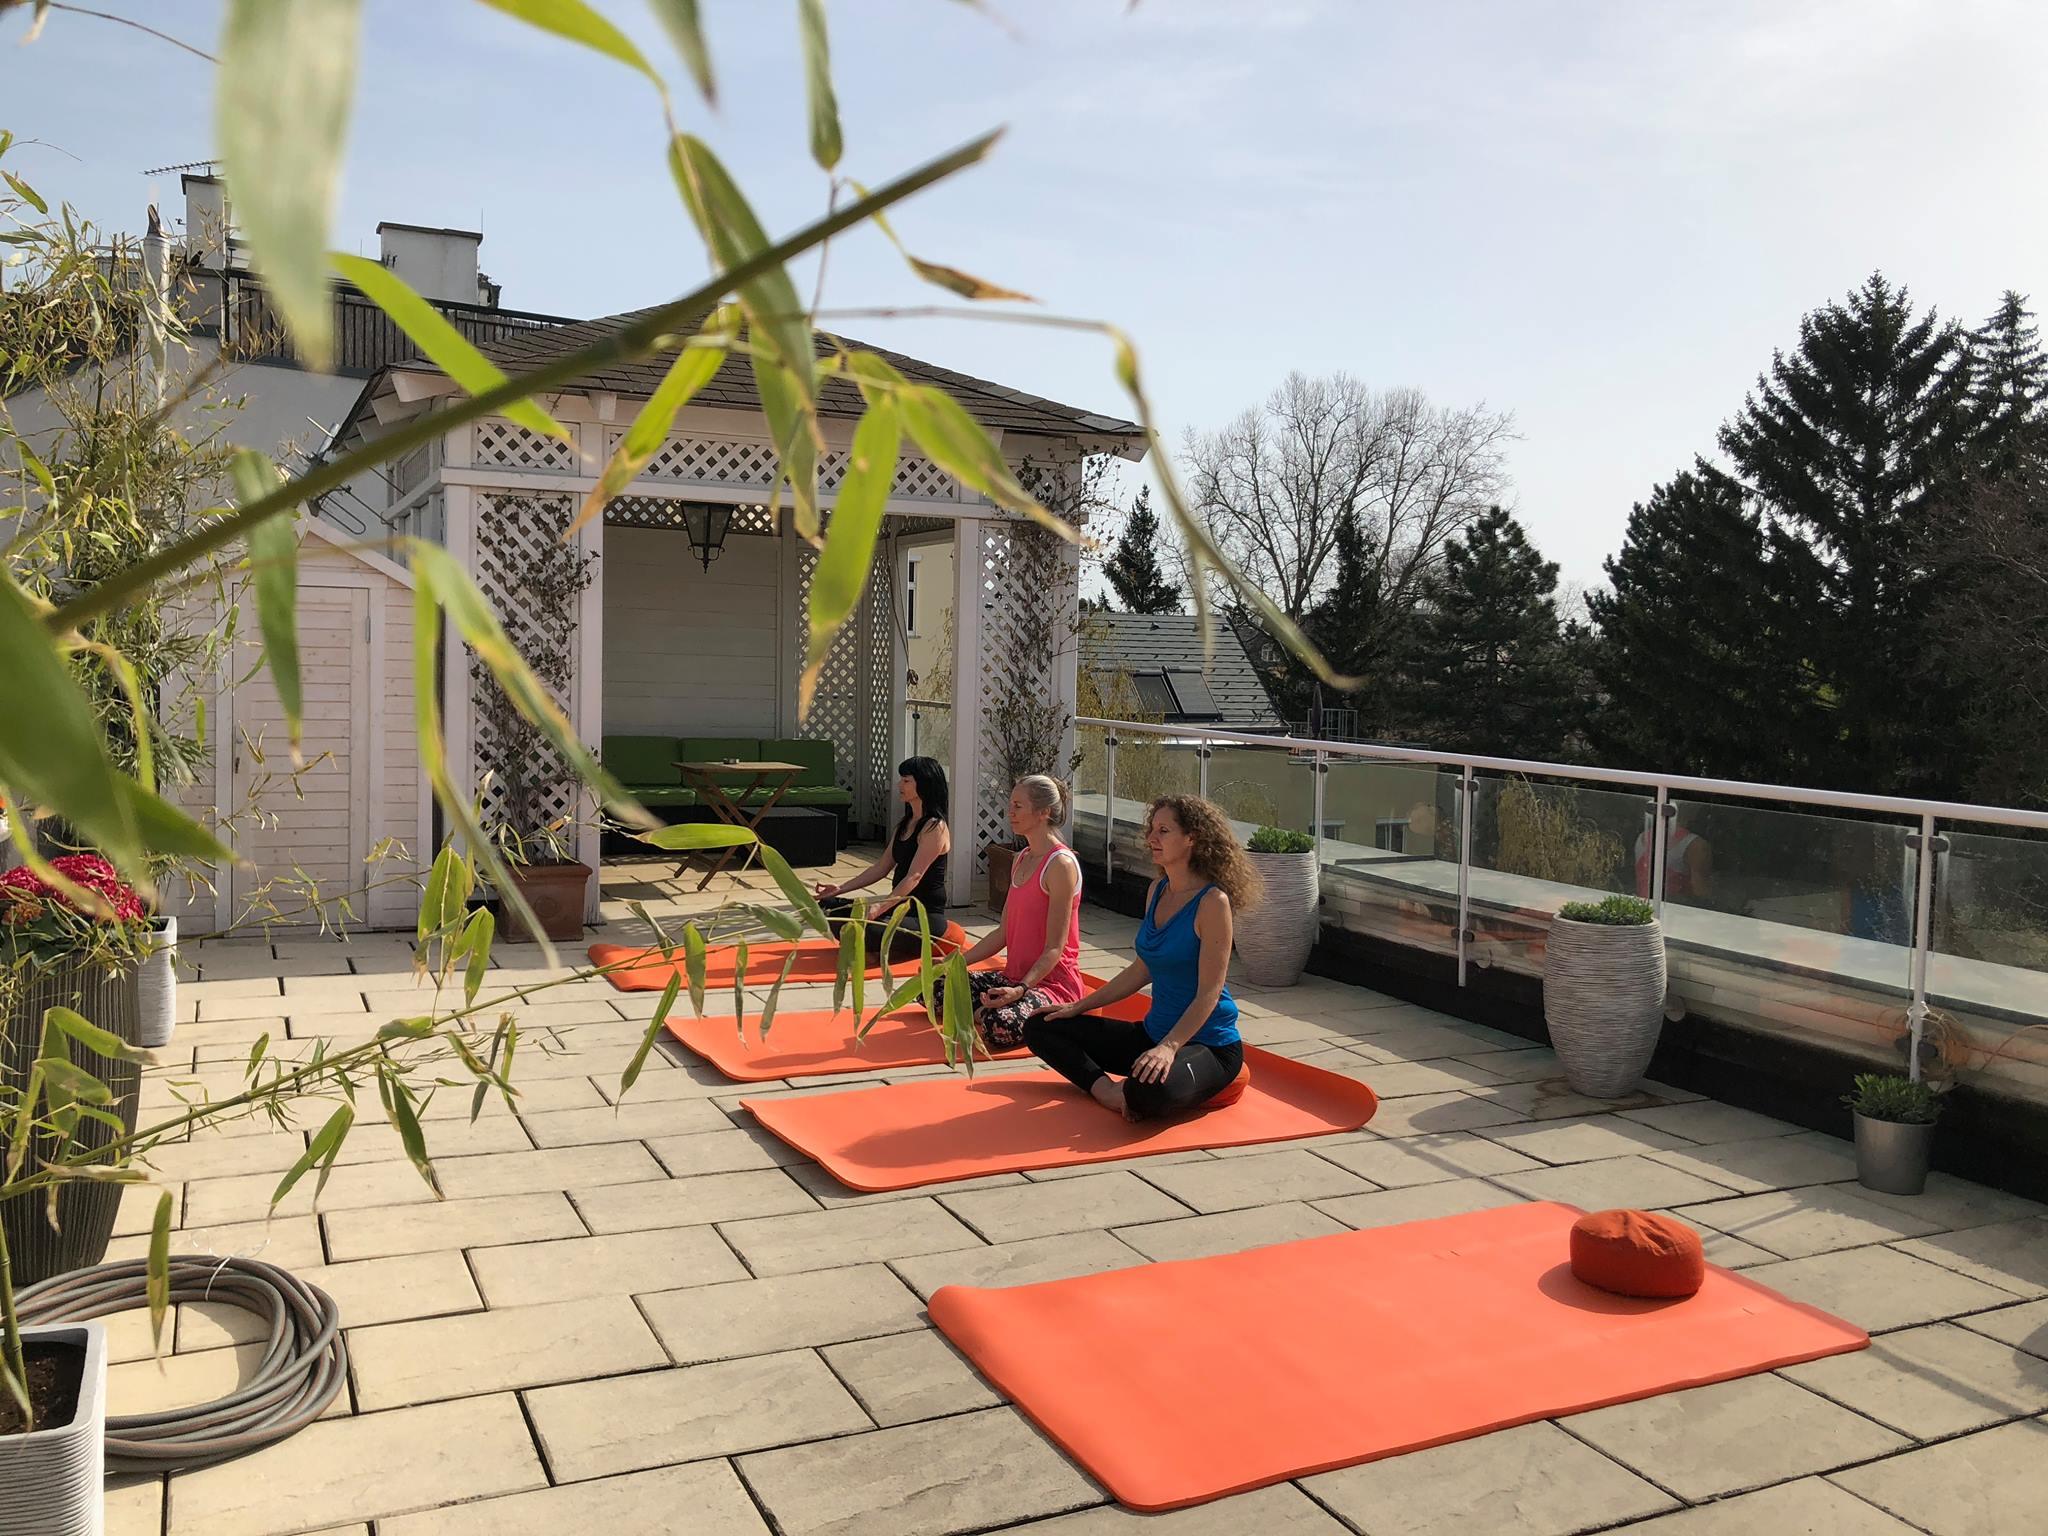 KURS / Ganzheitliches Hatha Yoga & Energetic Healing (auch Schnuppereinheit für ANANDA Yogalehrerausbildung) / Donnerstag / 1130 Wien